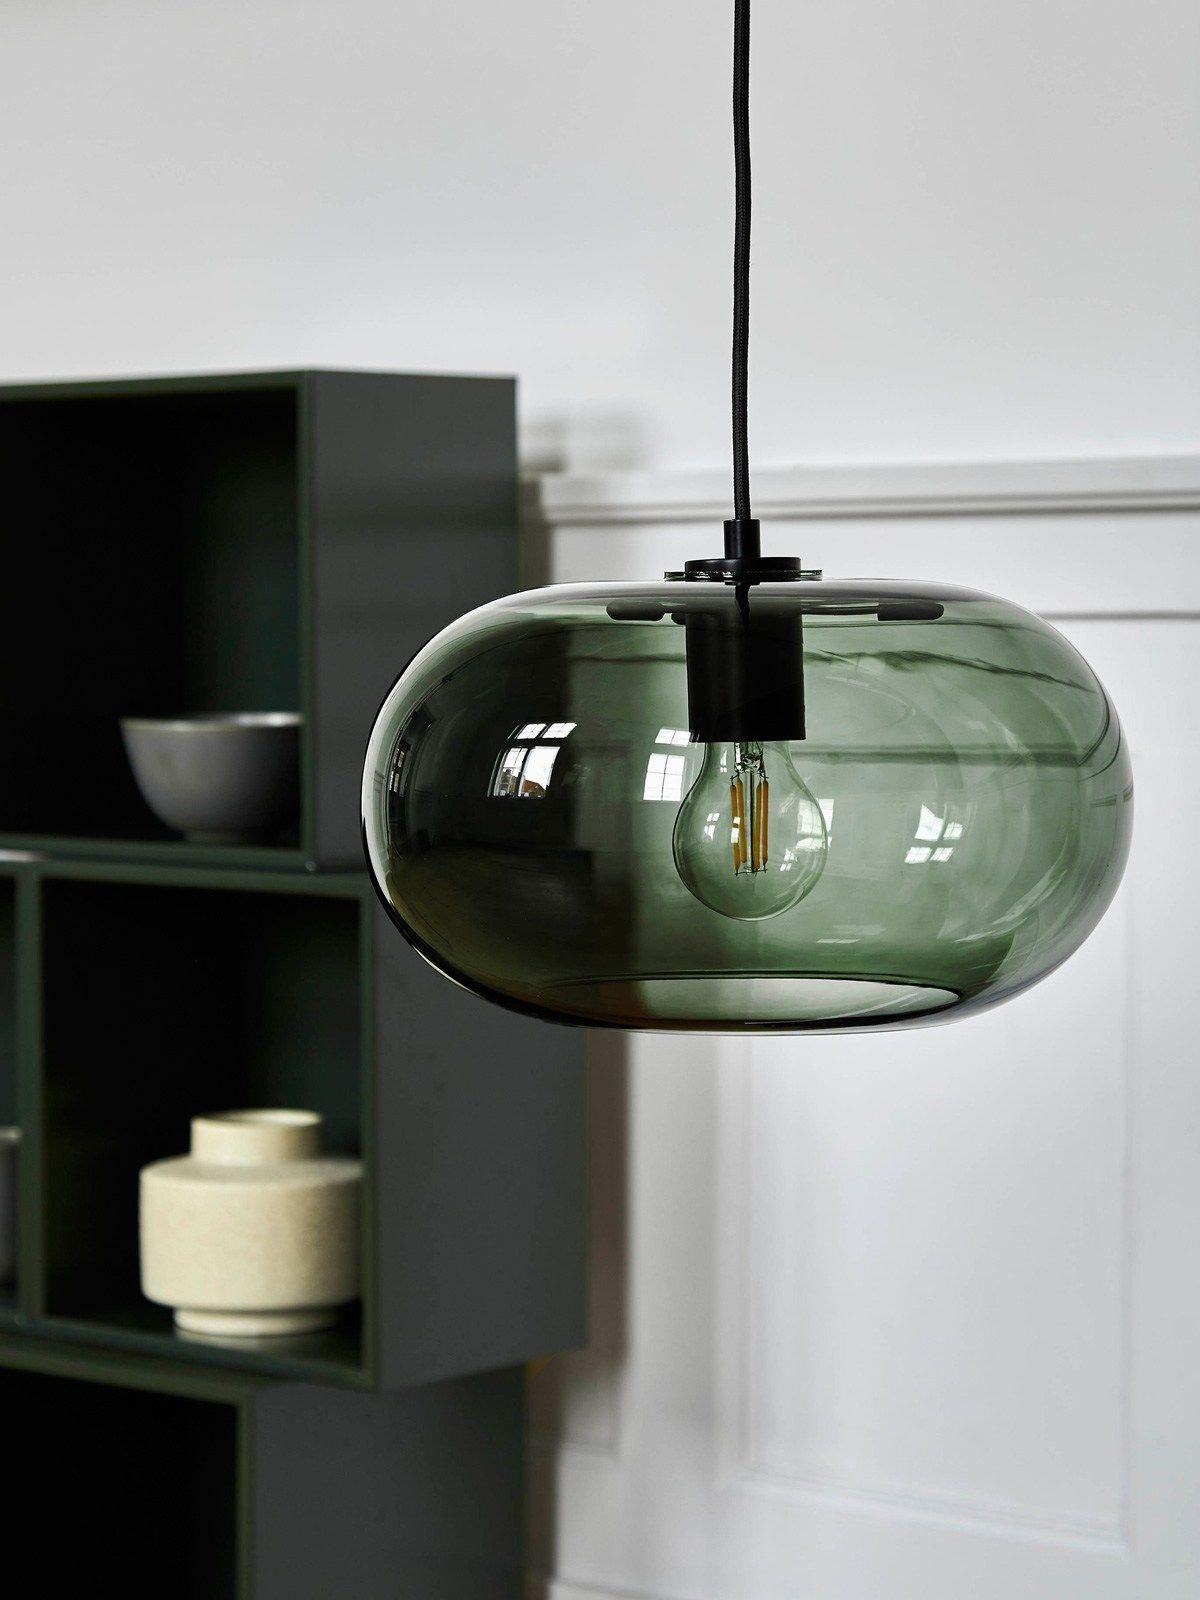 Full Size of Deckenlampe Skandinavisch Kobe New Glaslampen Wohnzimmer Küche Esstisch Schlafzimmer Bad Deckenlampen Modern Für Bett Wohnzimmer Deckenlampe Skandinavisch